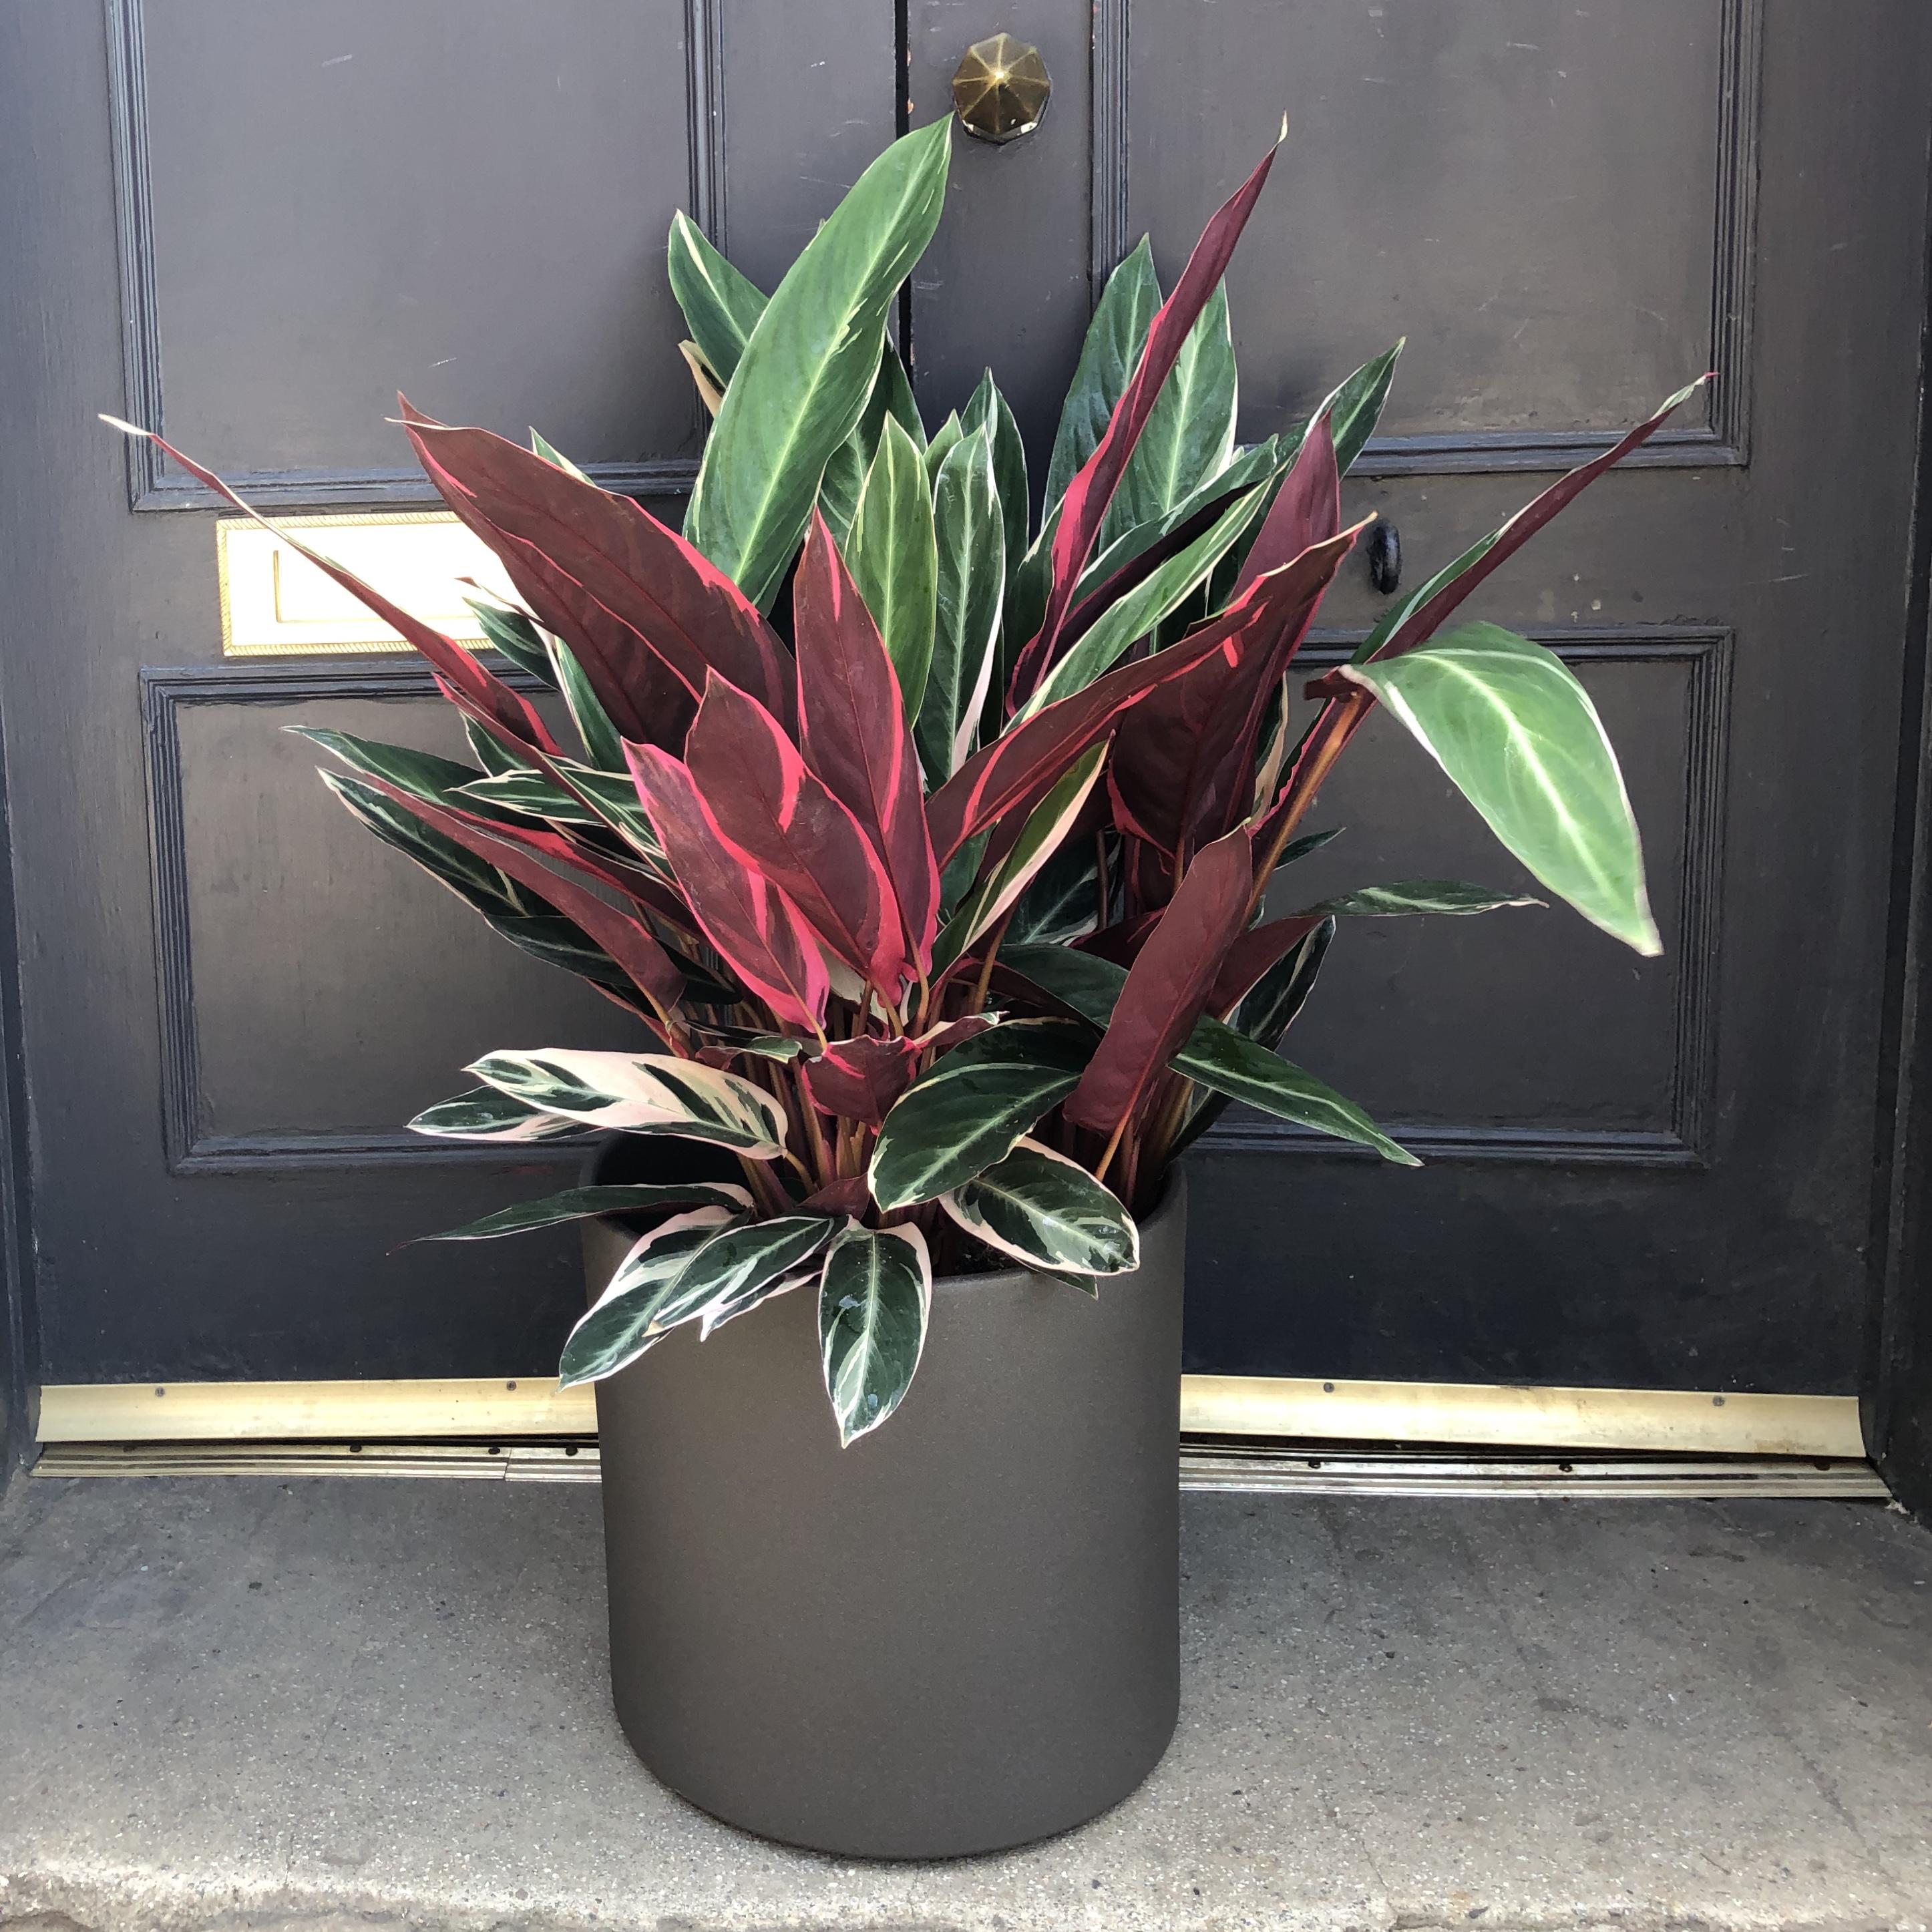 Stromanthe 'Triostar' (27cm pot)